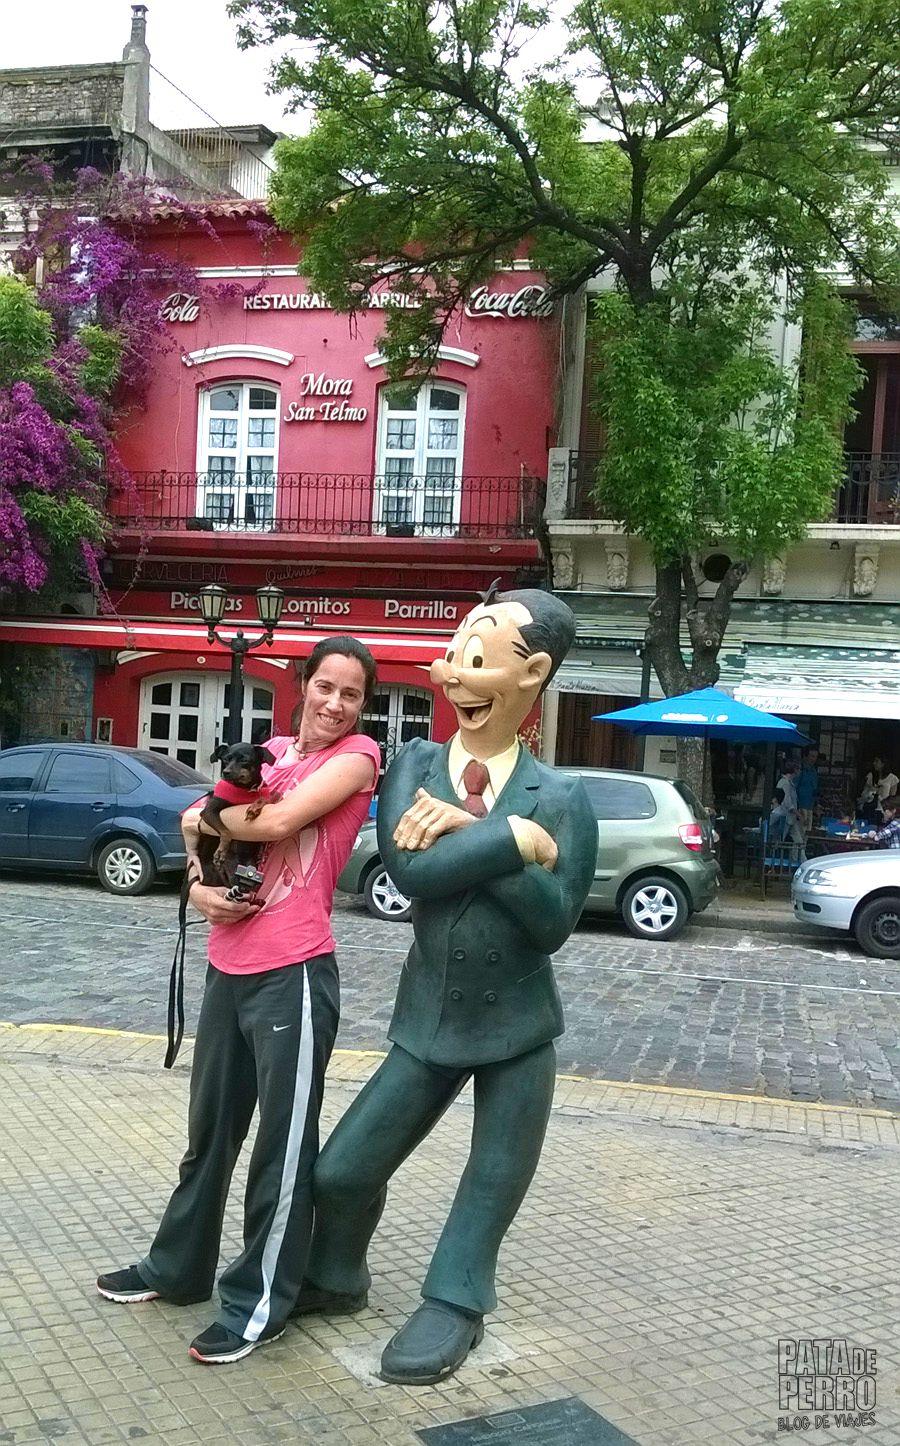 mar del plata buenos aires por autovia 2 pata de perro blog de viajes6